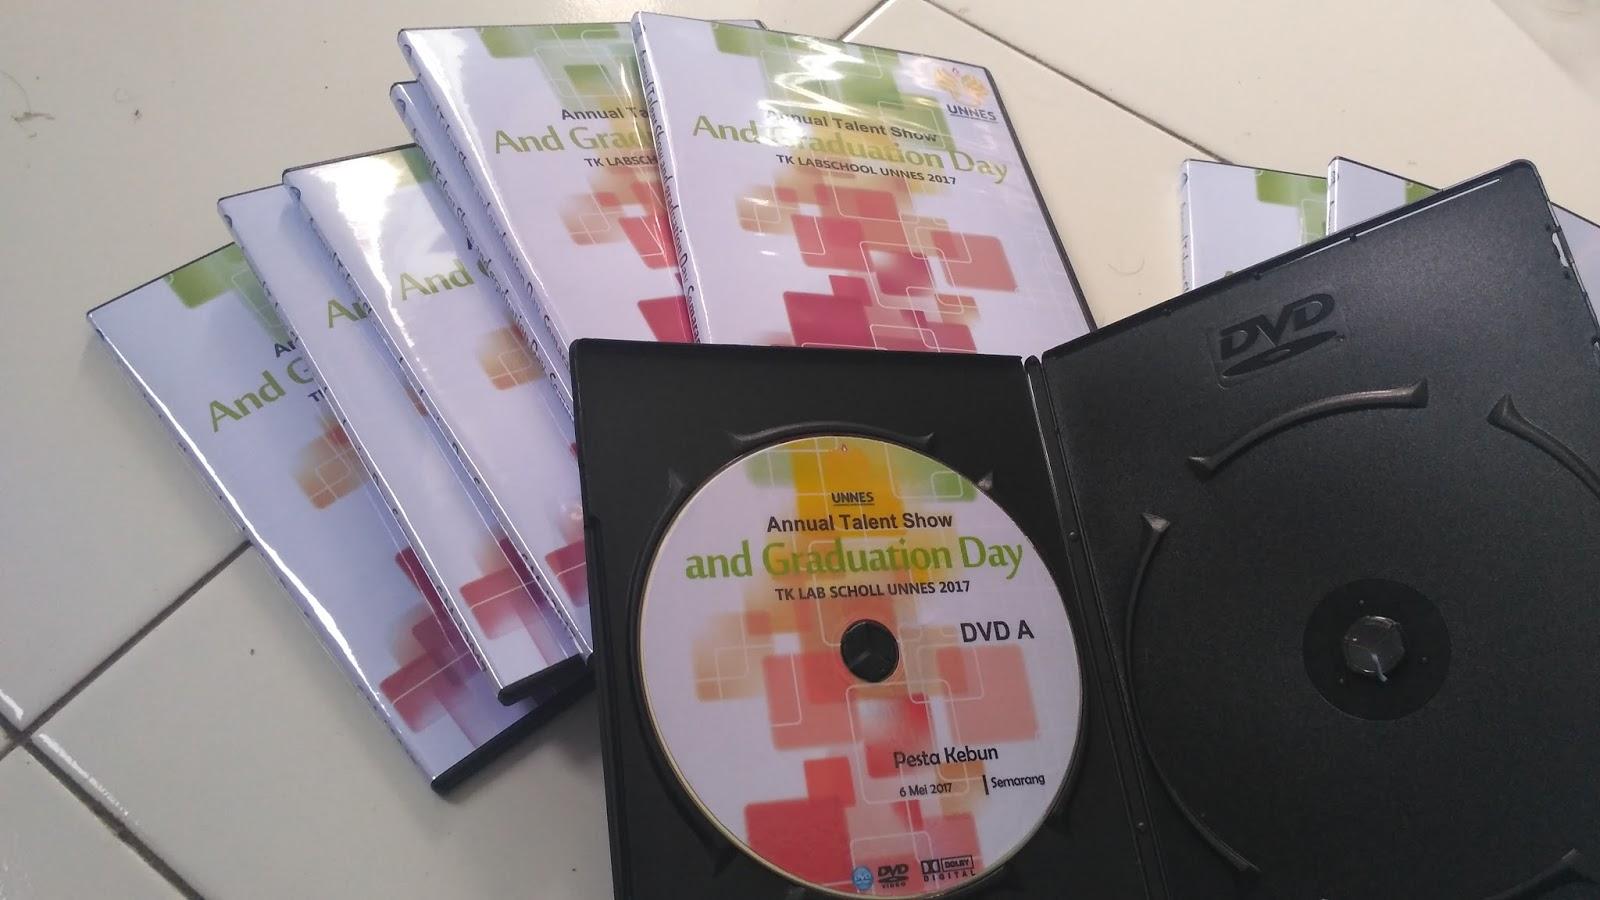 HP. 0856-9696-8672; Jasa Penggandaan DVD Semarang